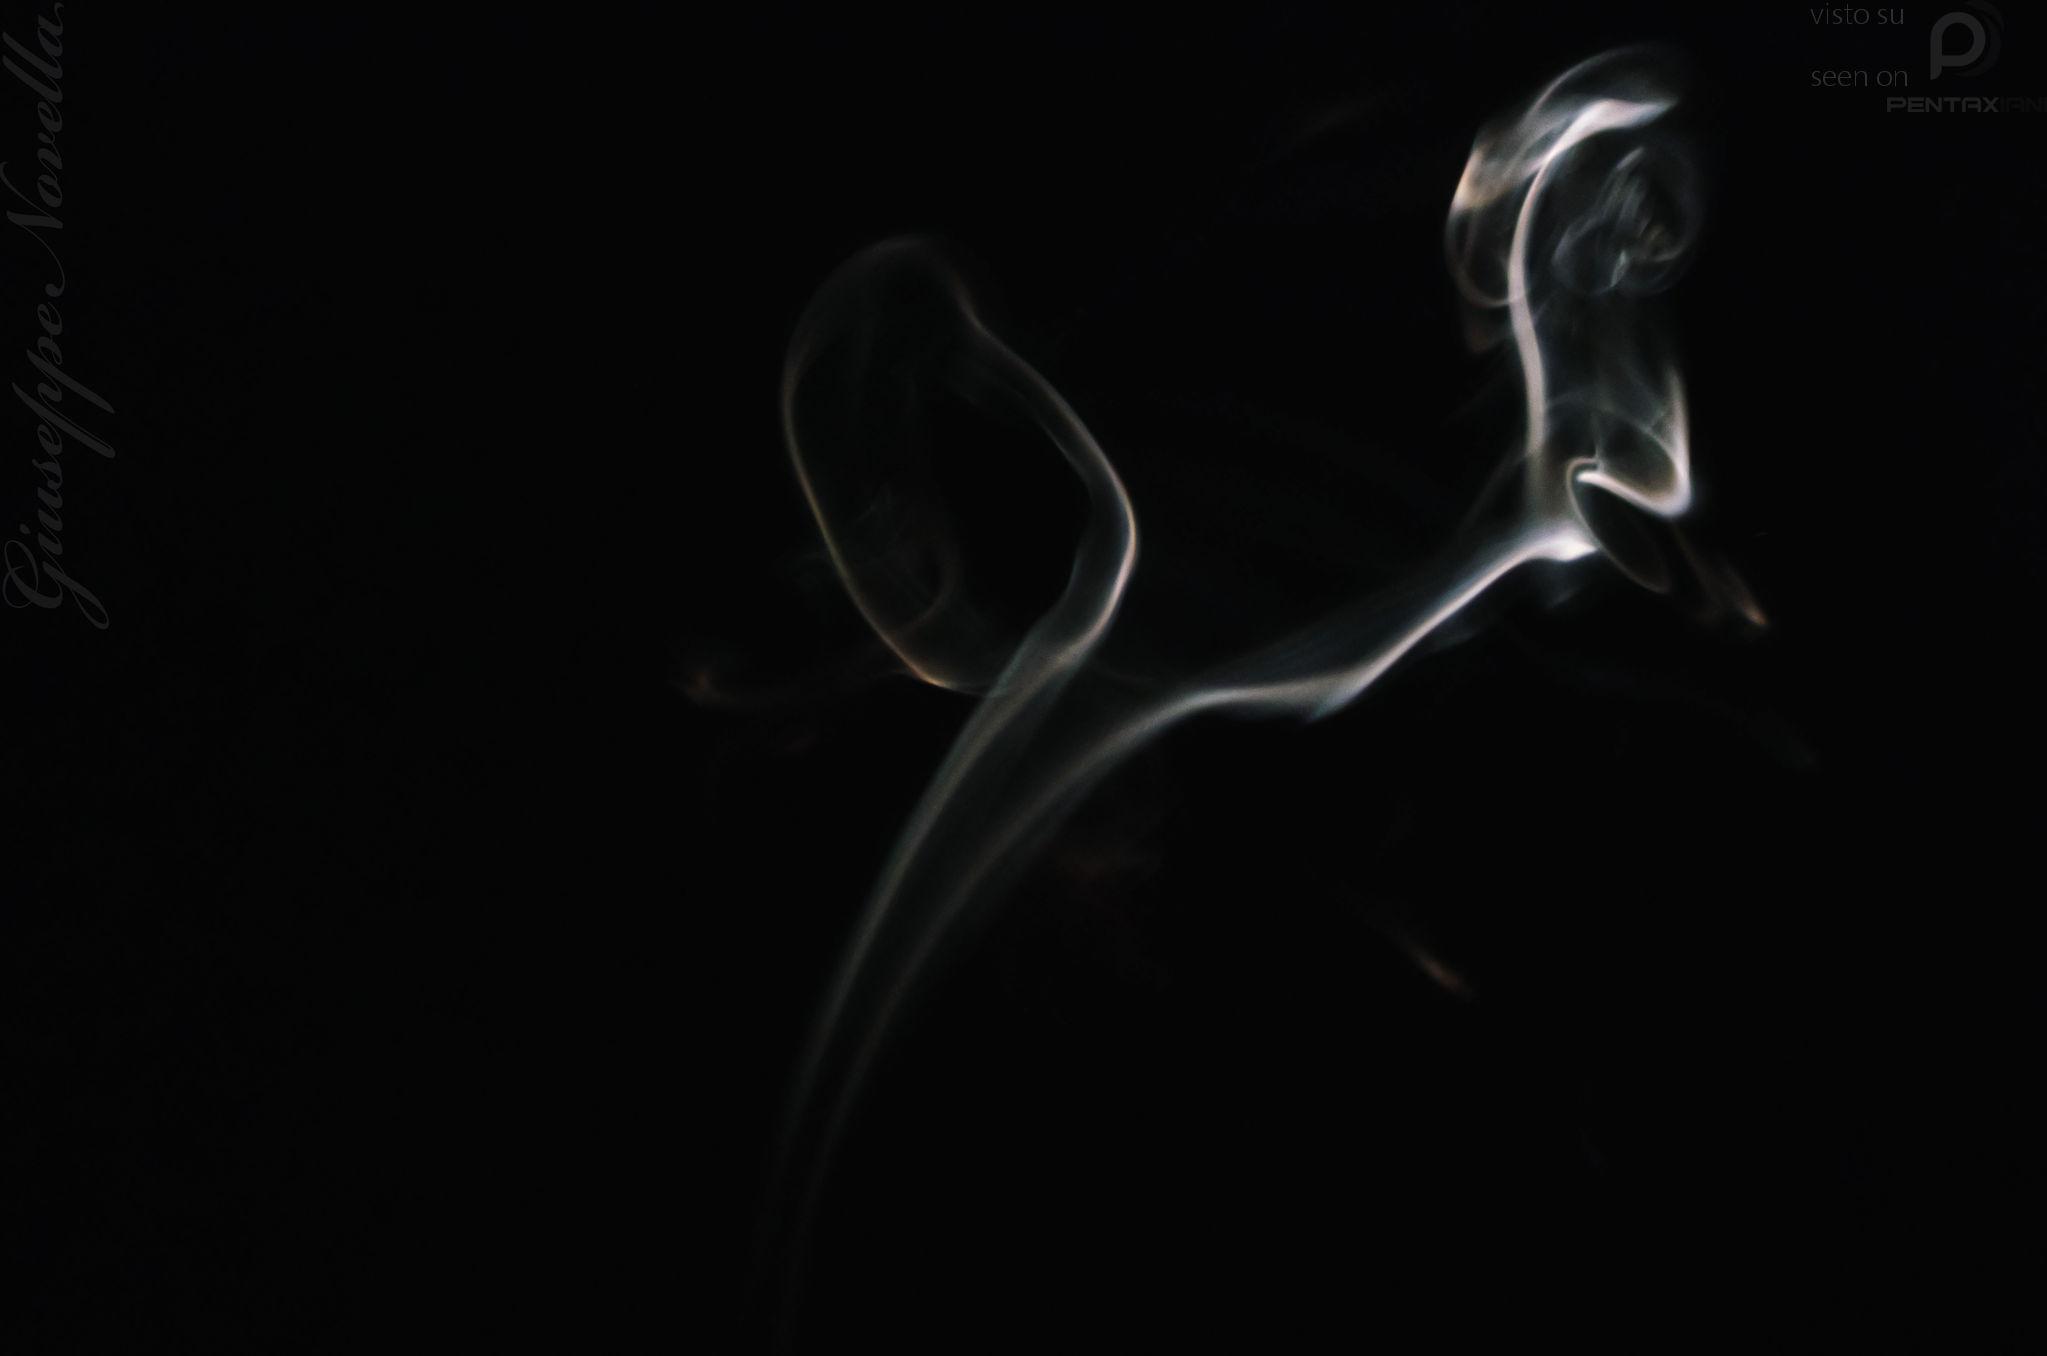 La congratulazione su quello che ha smesso di fumare